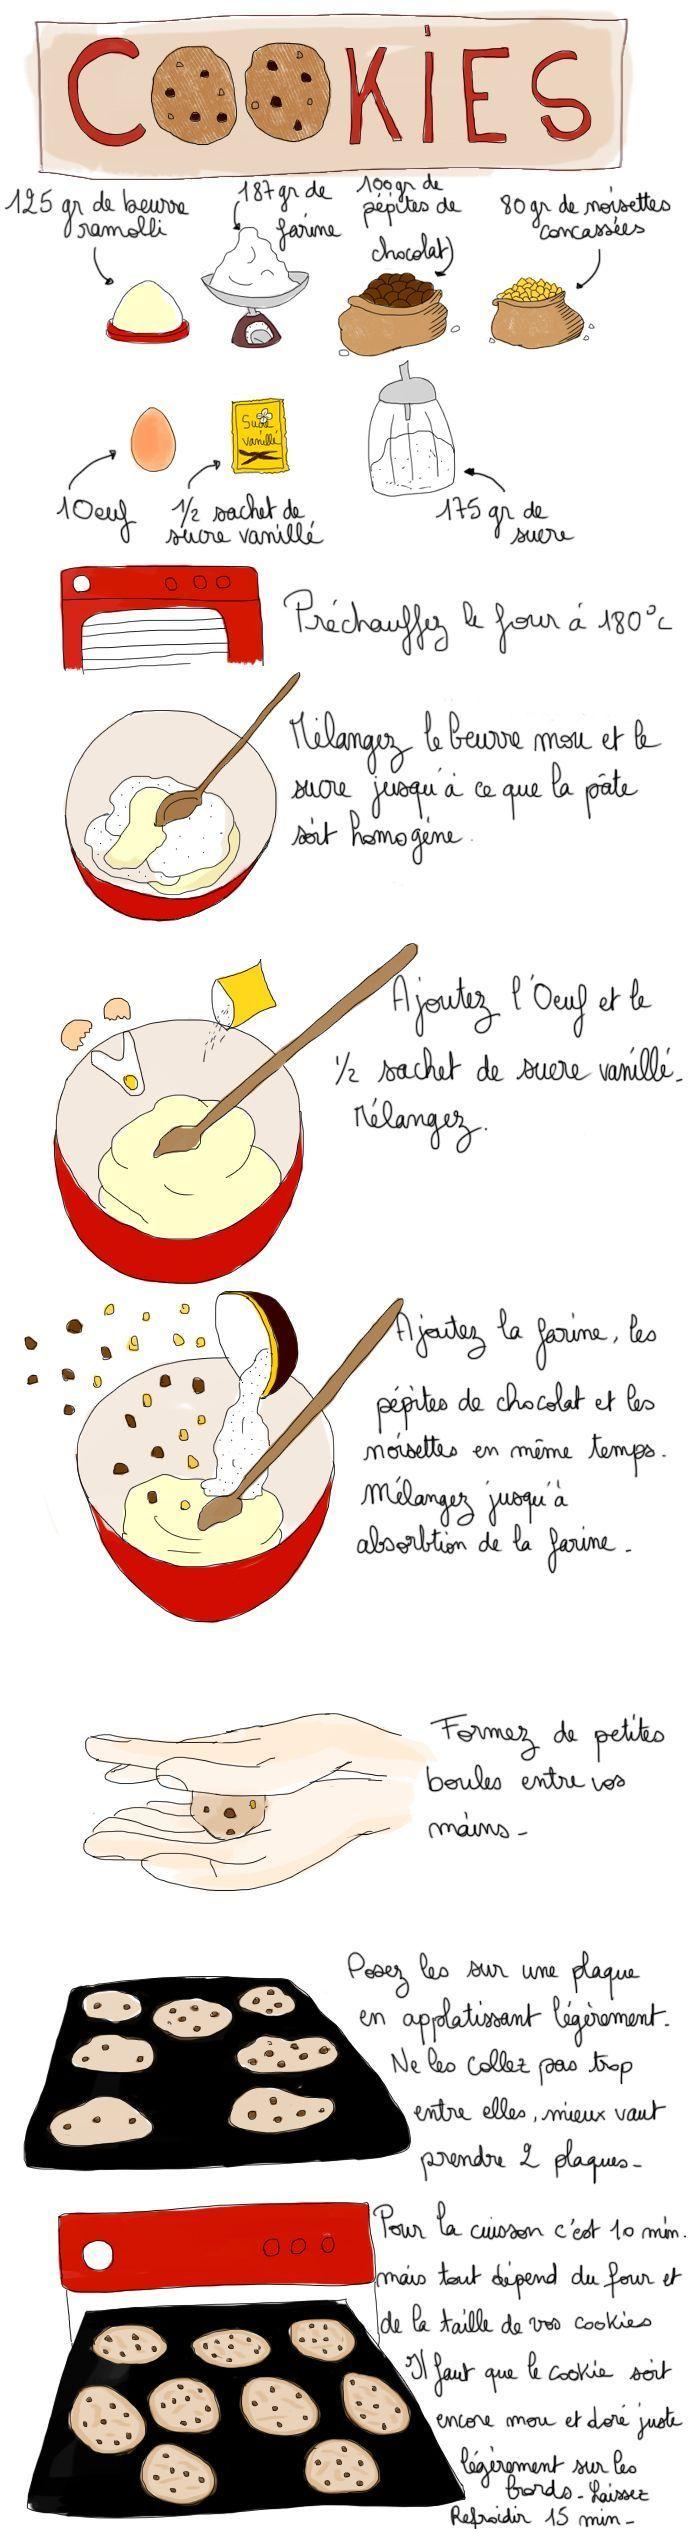 nouvelles recettes visuelles - #nouvelles #recettes #visuelles